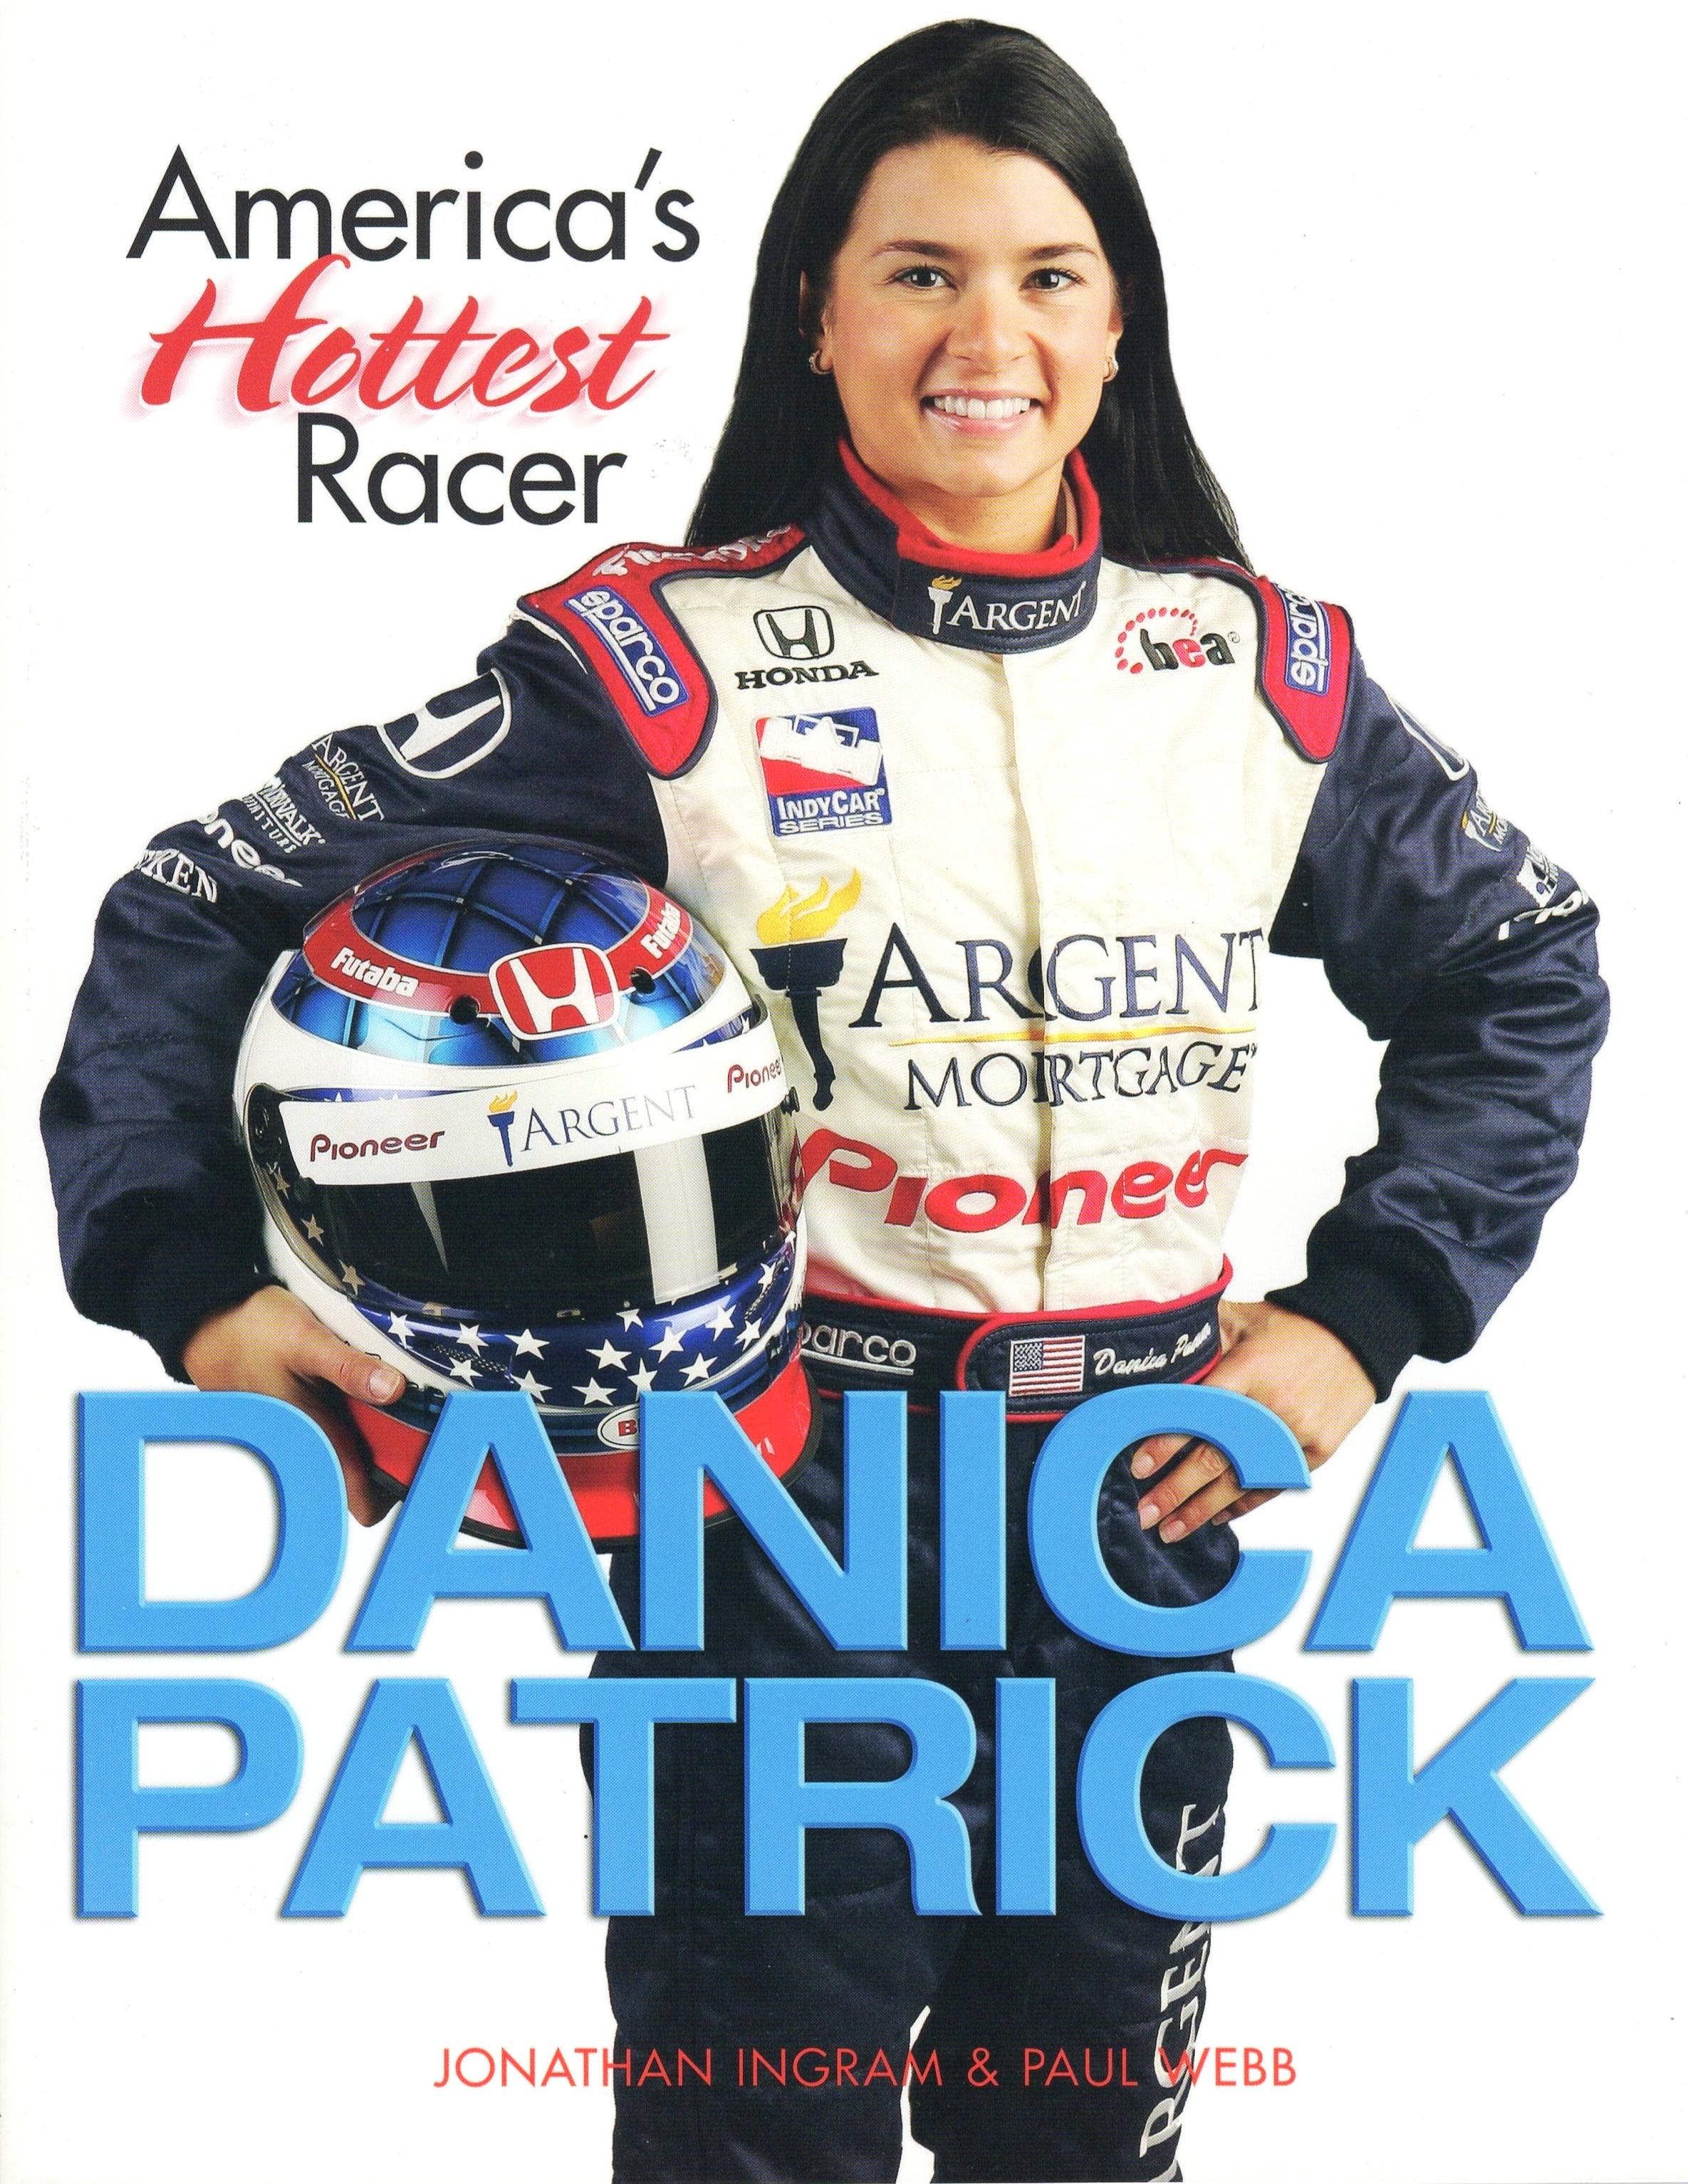 Danica%2BPatrick%2B%25E2%2580%2593%2BAmerica%25E2%2580%2599s%2BHottest%2BRacer.jpg